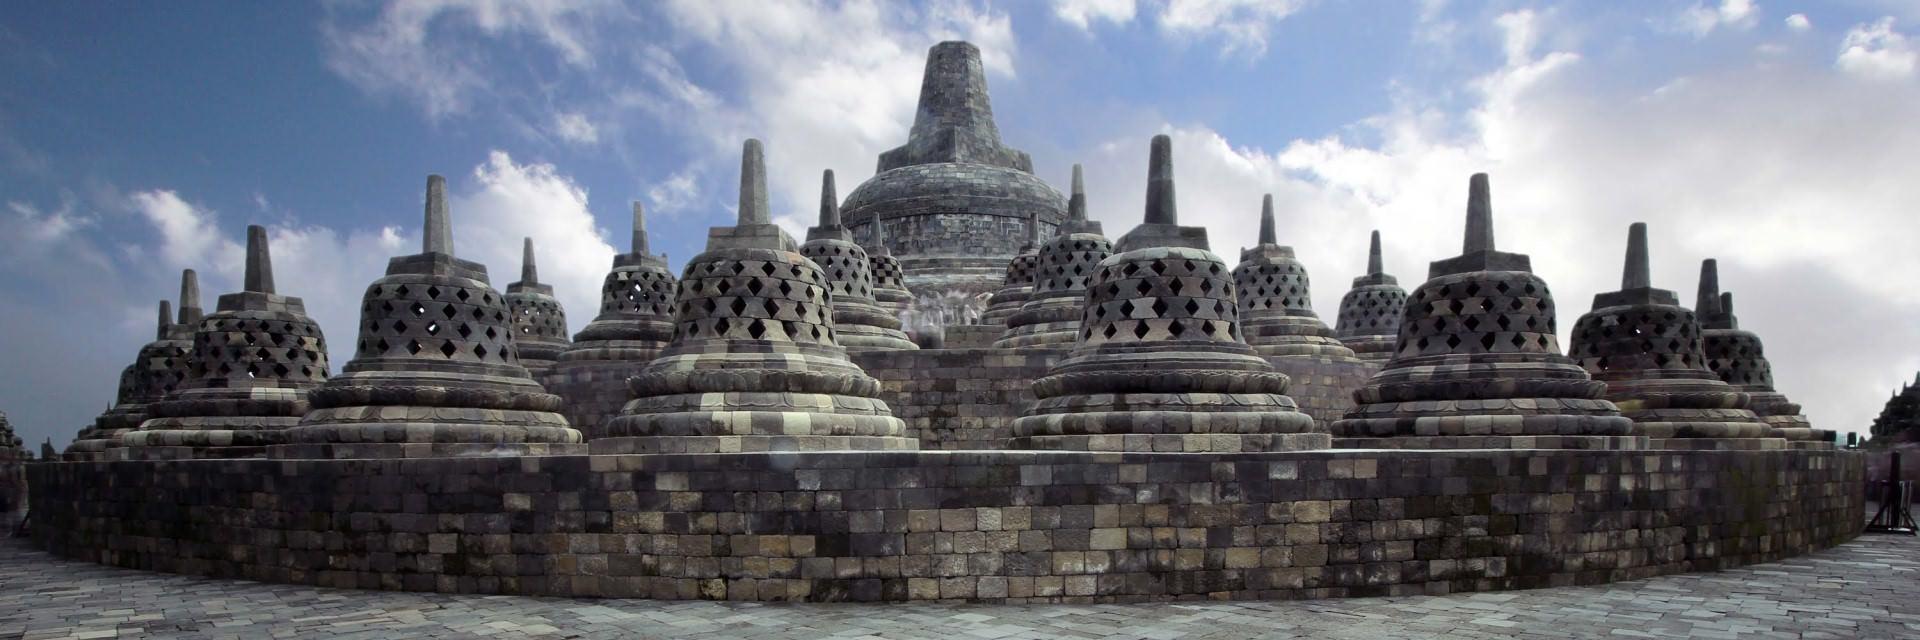 Tempat Hunting Foto Bangunan Terbaik di Yogyakarta Tempat Hunting Foto Bangunan Terbaik di Yogyakarta - Dolan Dolen